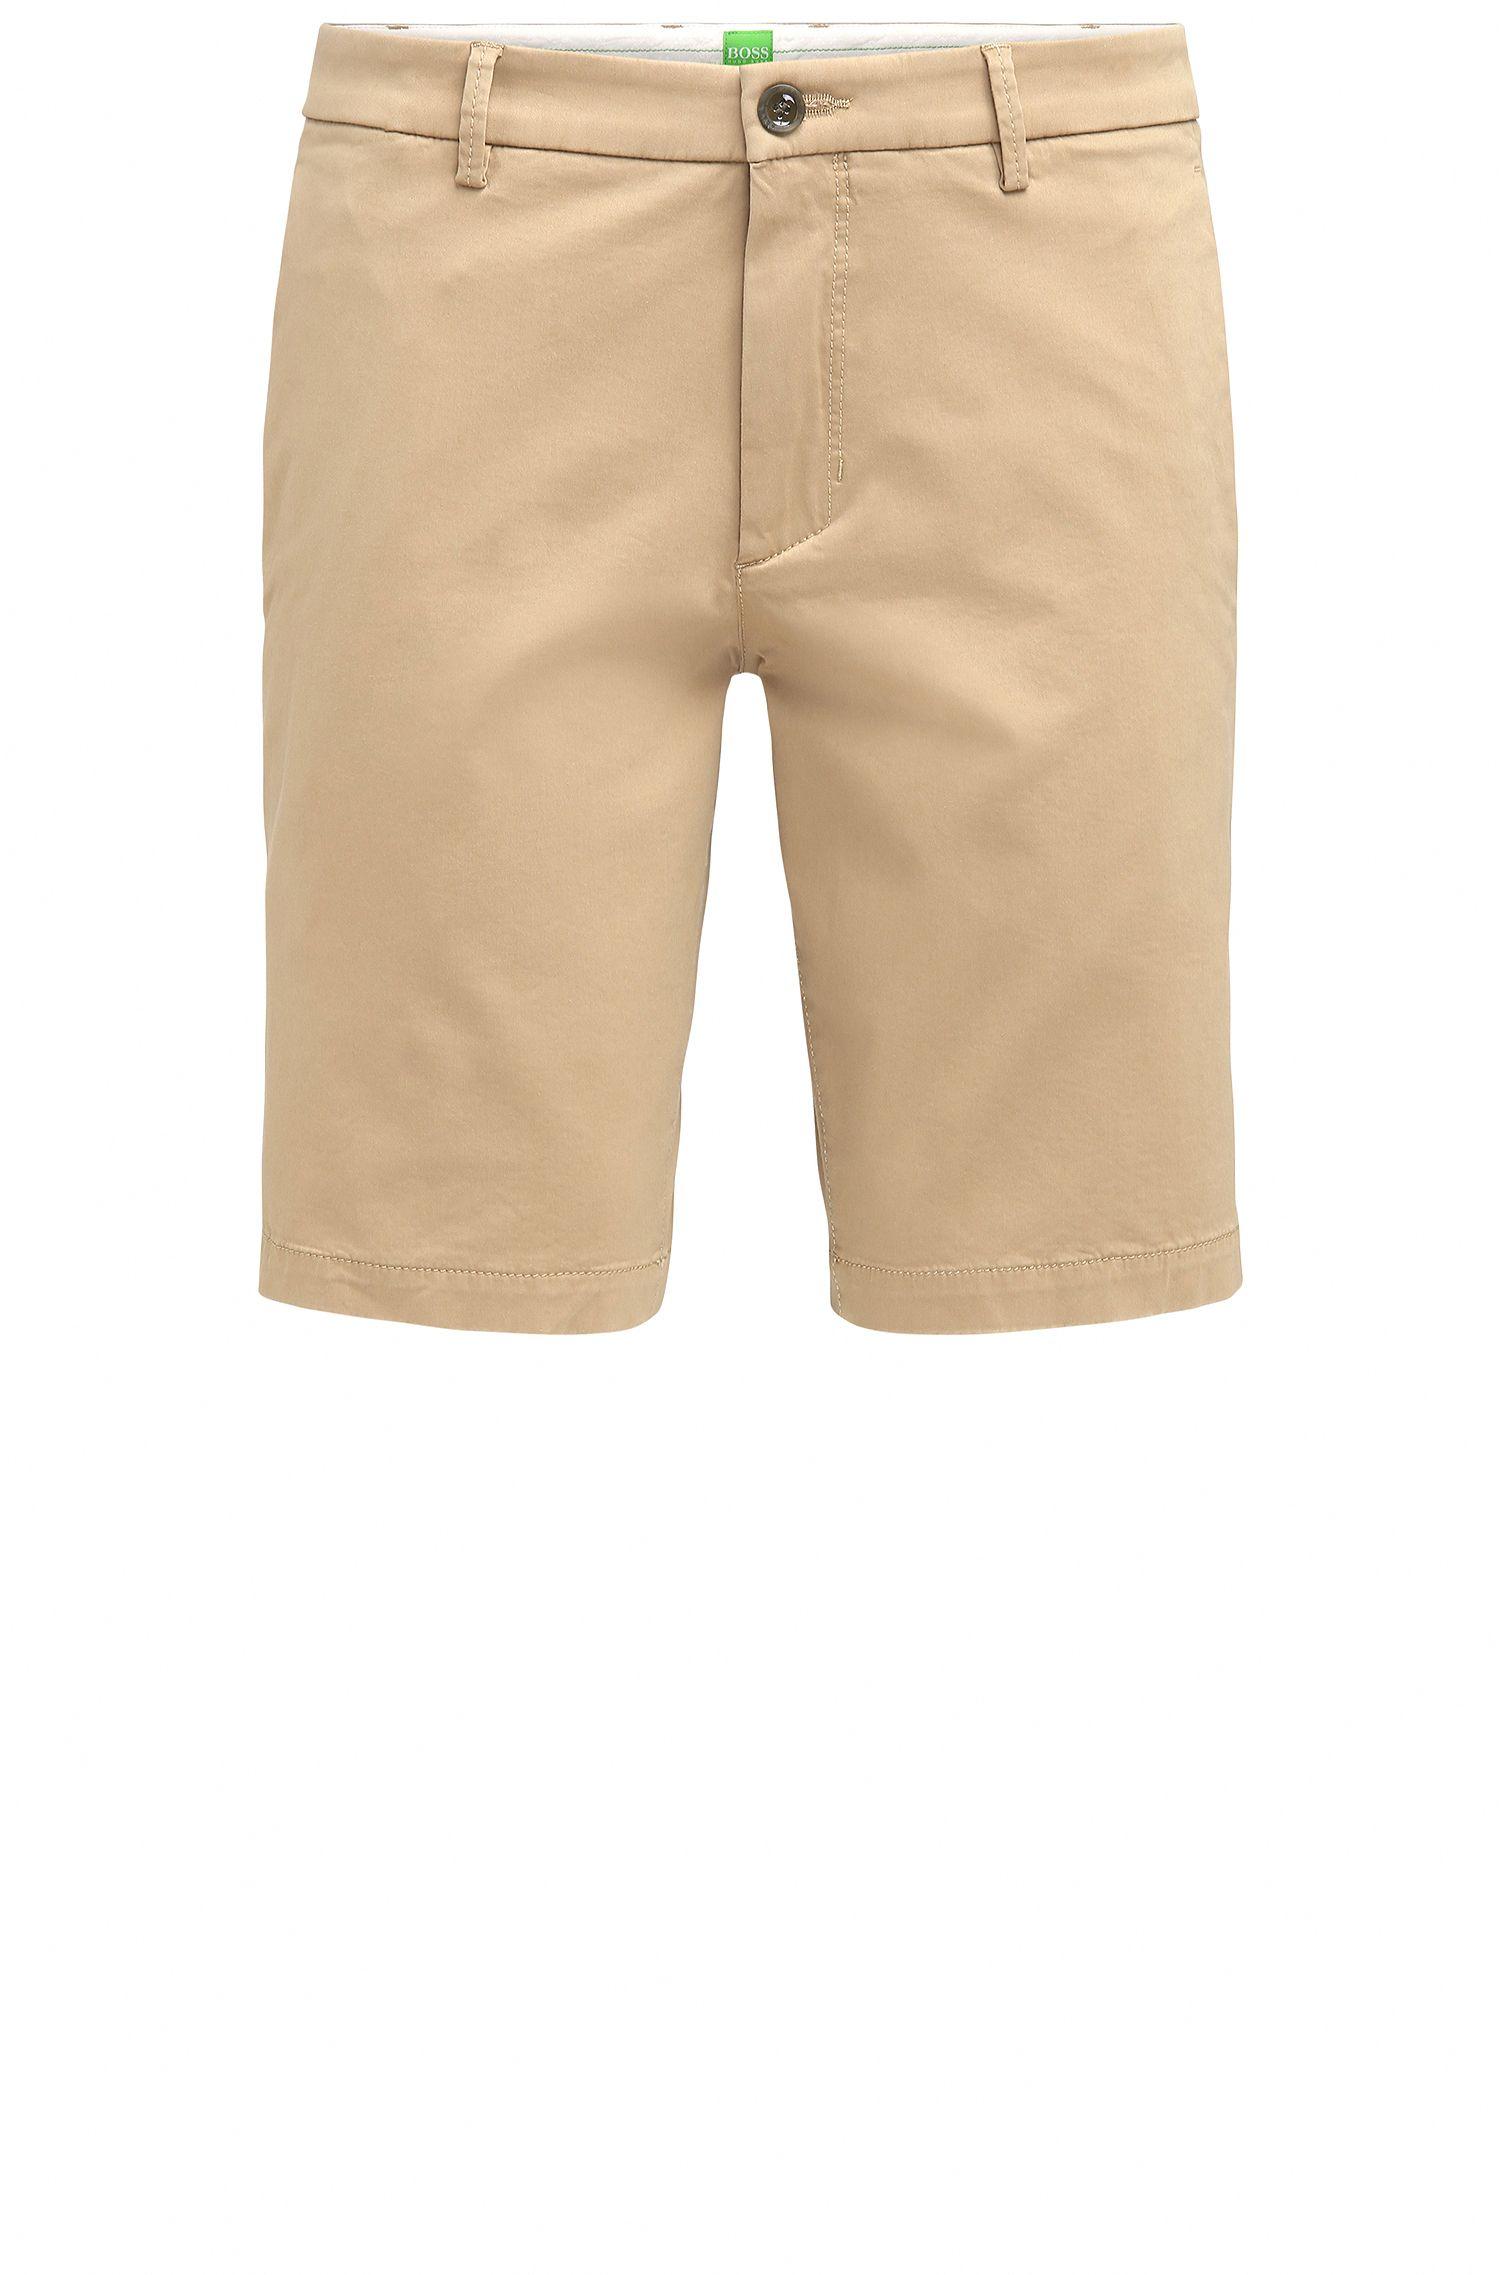 Pantaloncini corti slim fit in tessuto effetto satin